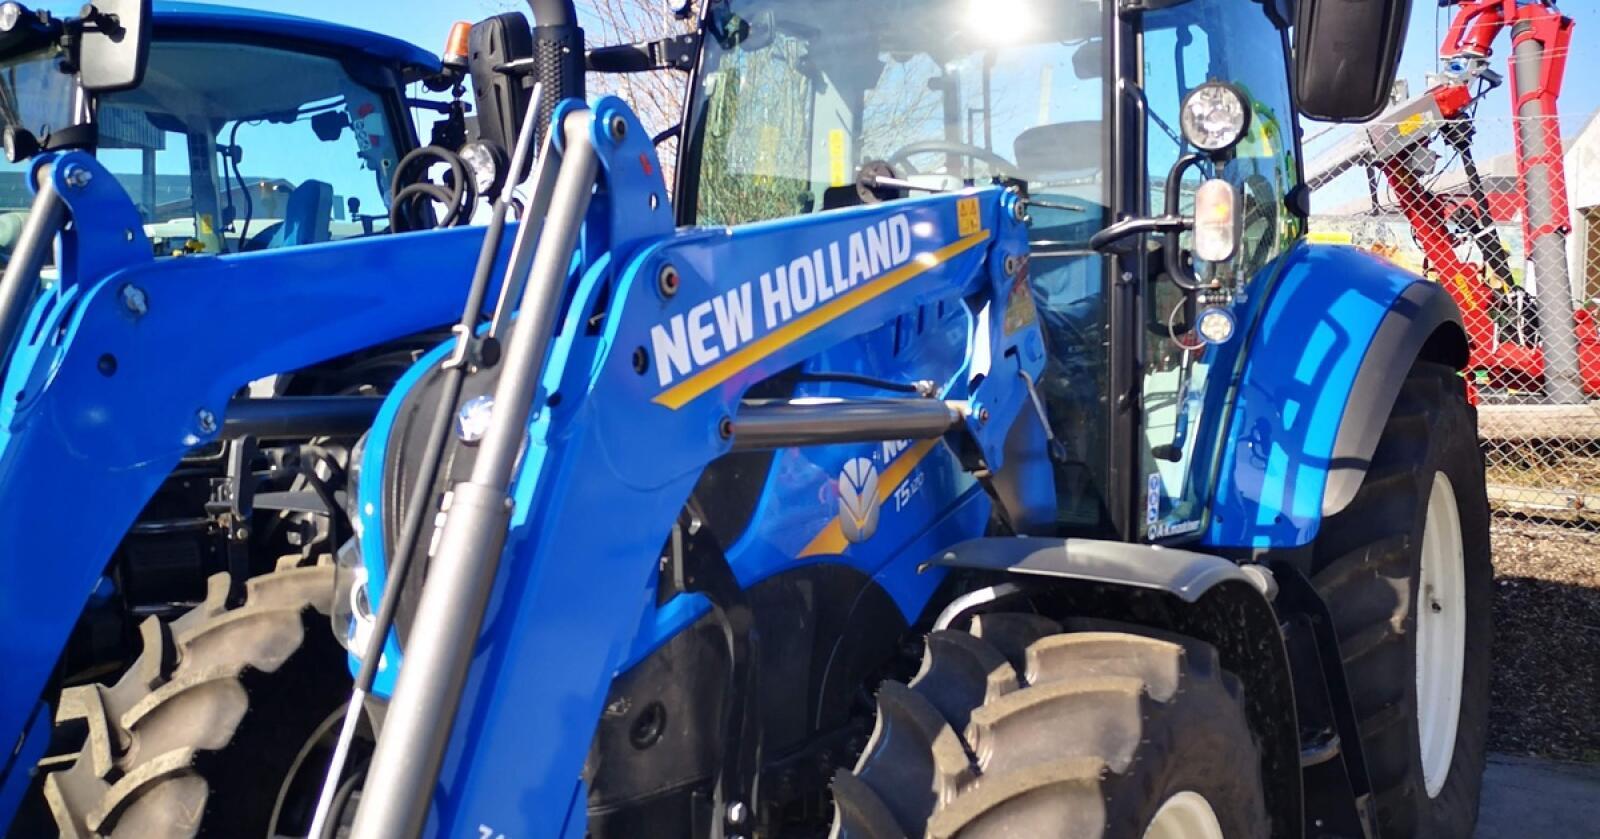 OEM: Stoll-lastere leveres blant annet som oem-opsjon til New Holland og Case IH traktorer. Nå er selskapet solgt.